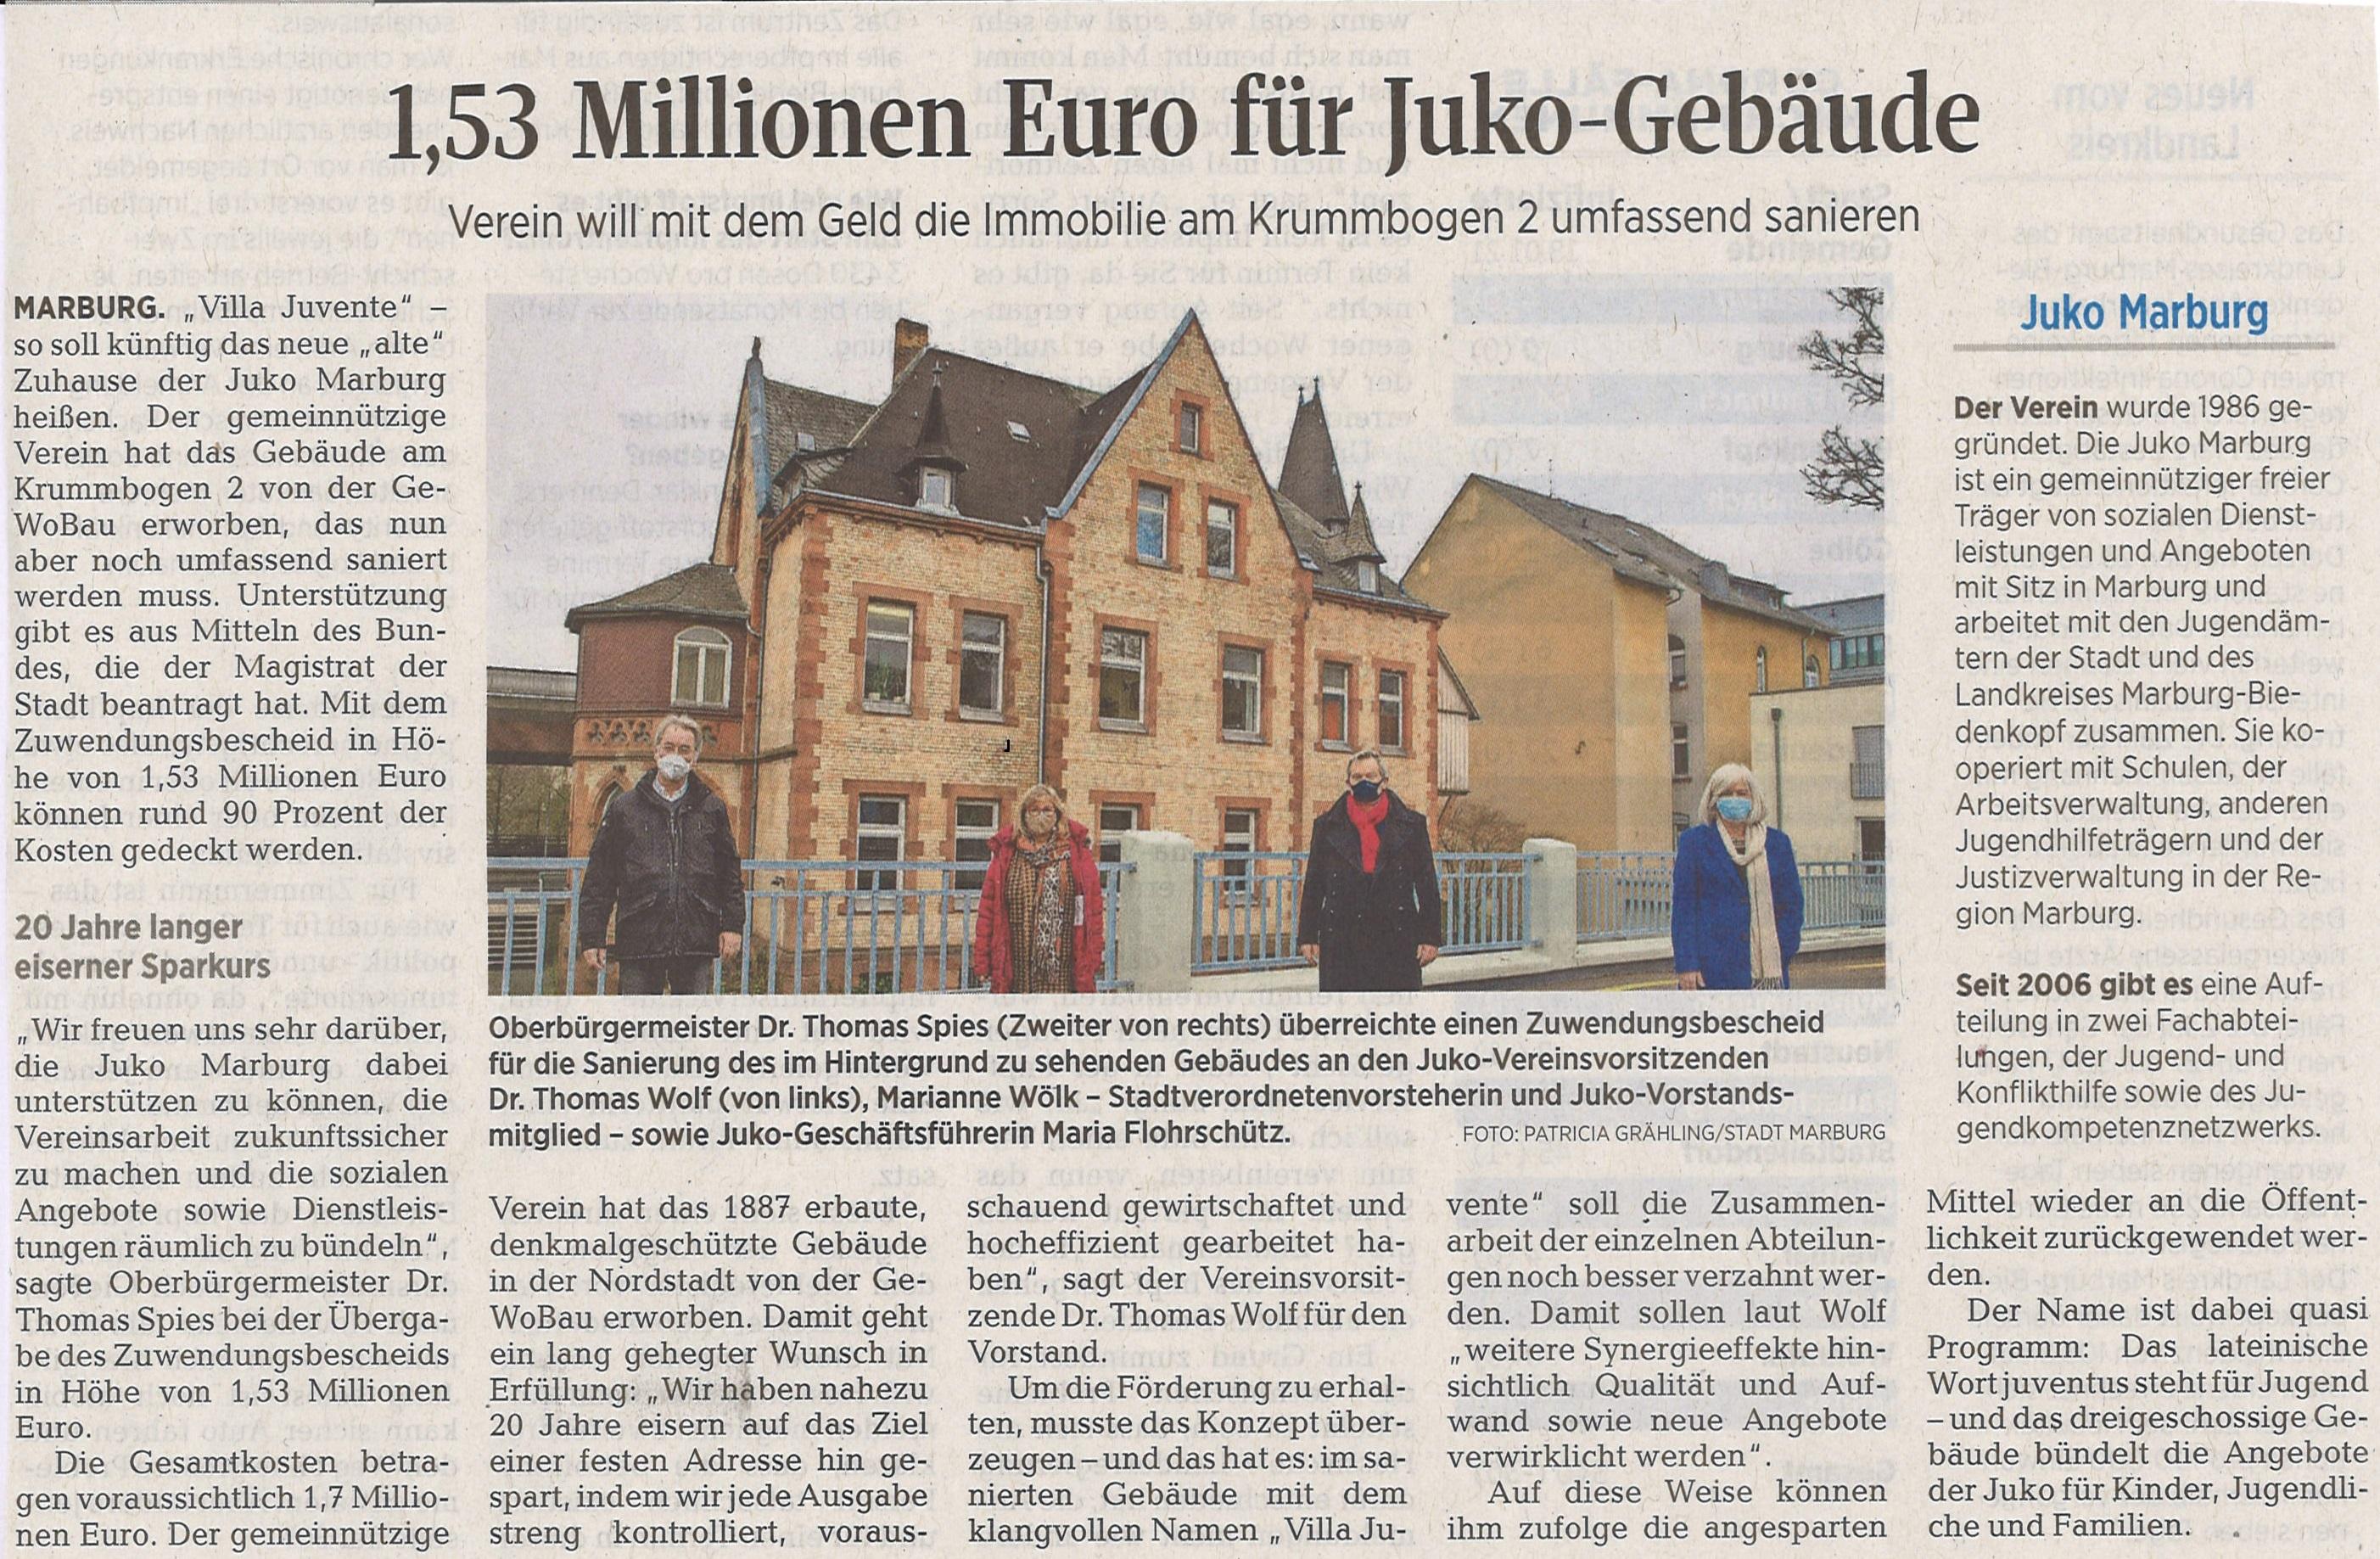 Bildquelle: Oberhessische Presse